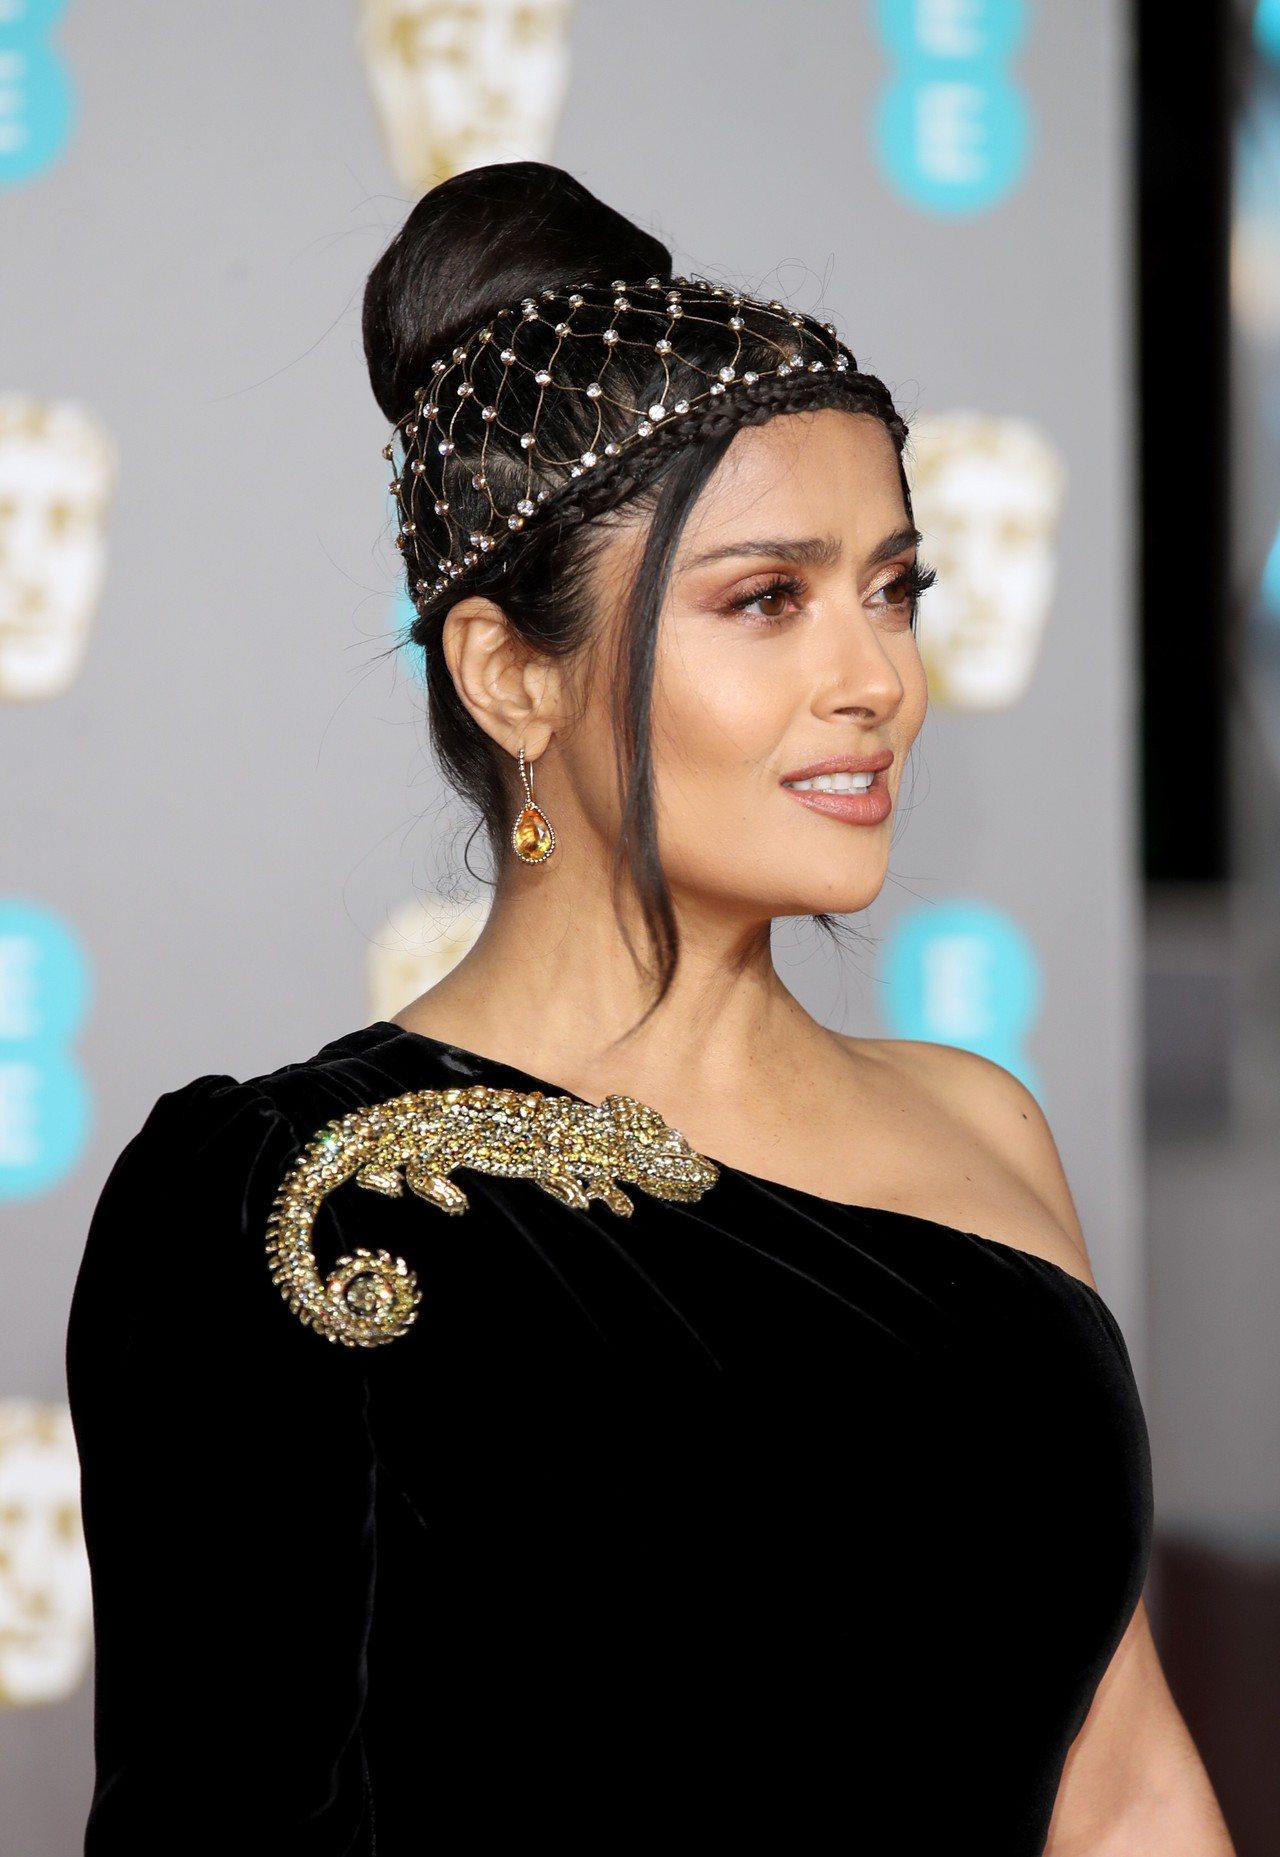 莎瑪海耶克配戴寶詩龍珠寶,髮型別緻優雅,出席第72屆英國影藝學院電影獎紅毯。圖/...